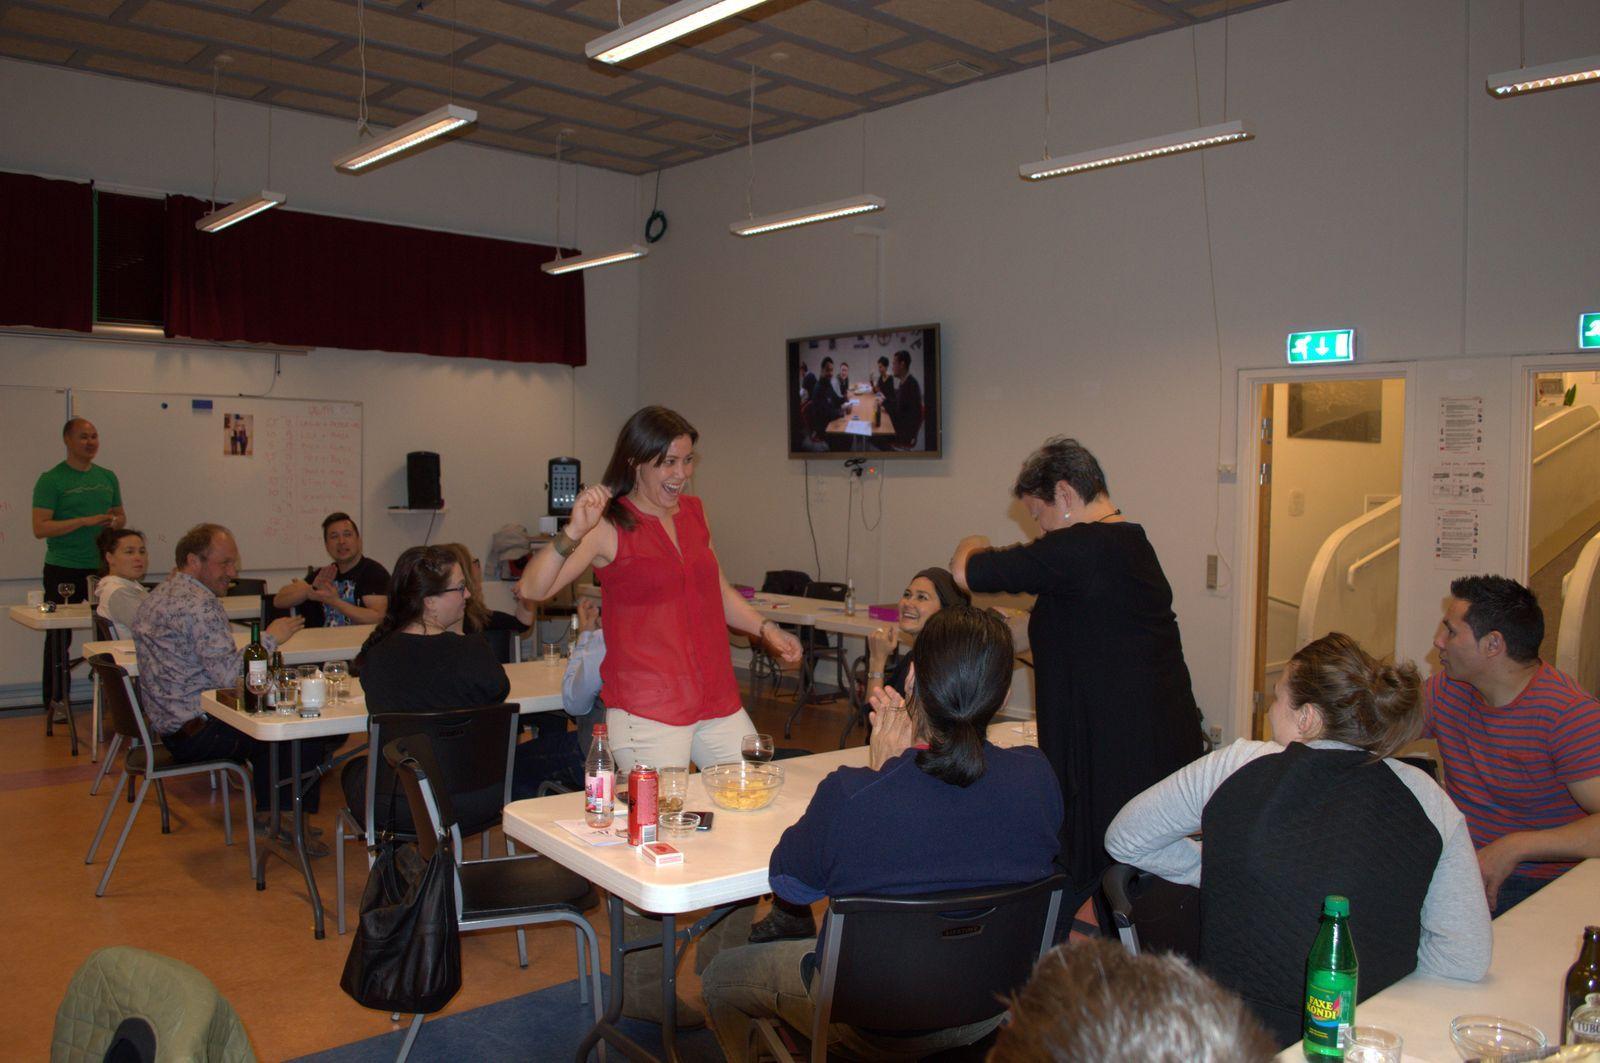 2014-11-08-2310_Semifinalister_og_raekkefoelge_annonceres_Wormsturnering